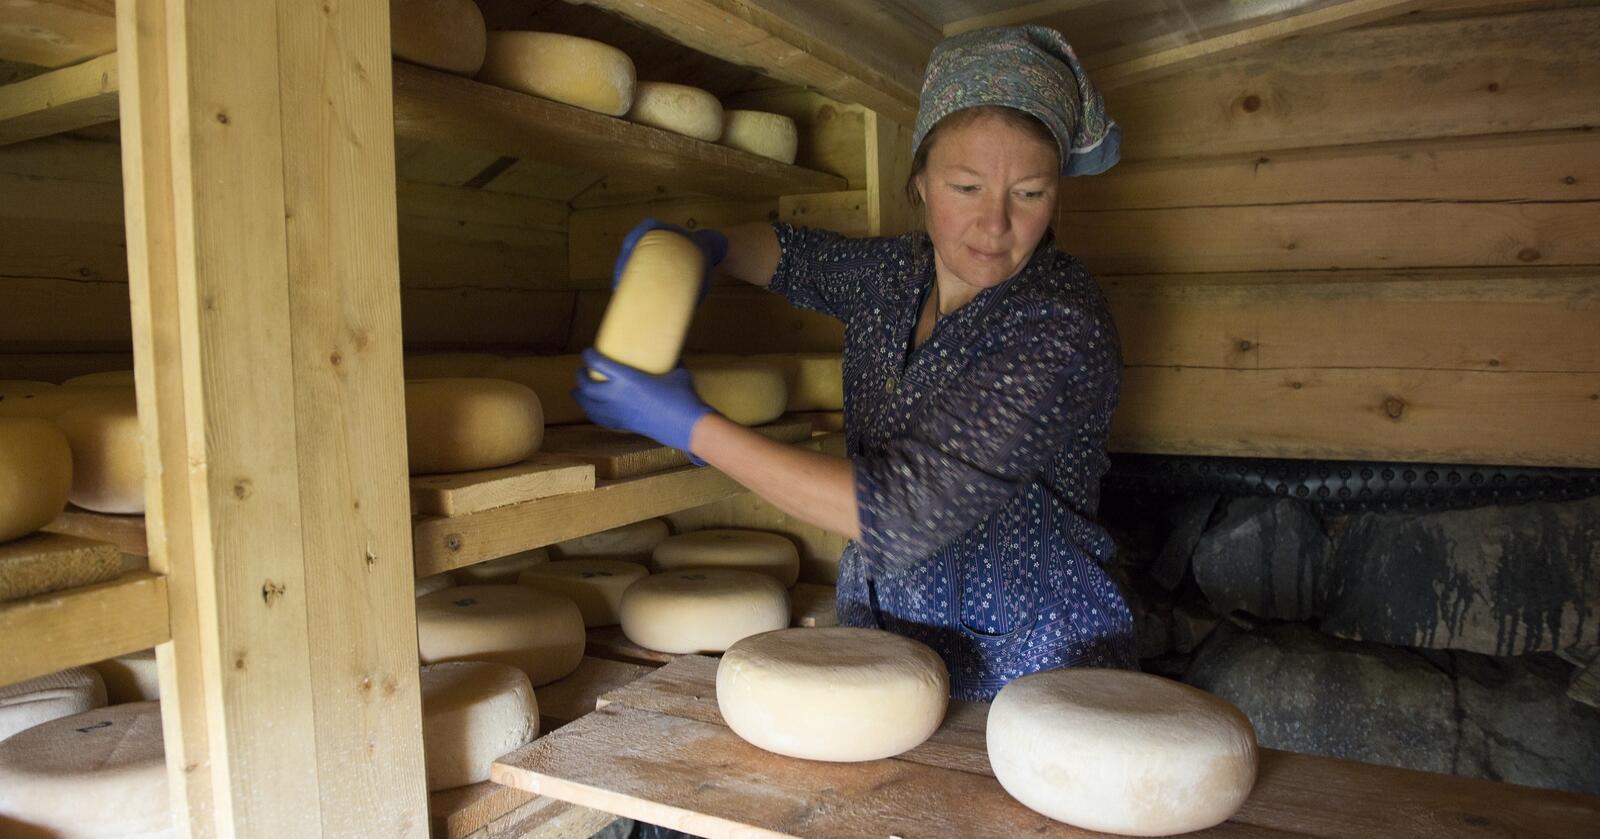 Etter en lang og grundig prosess om hvordan vi kan omsette rå melk på en trygg måte, avslår HOD forslaget til ny forskrift fra Mattilsynet.